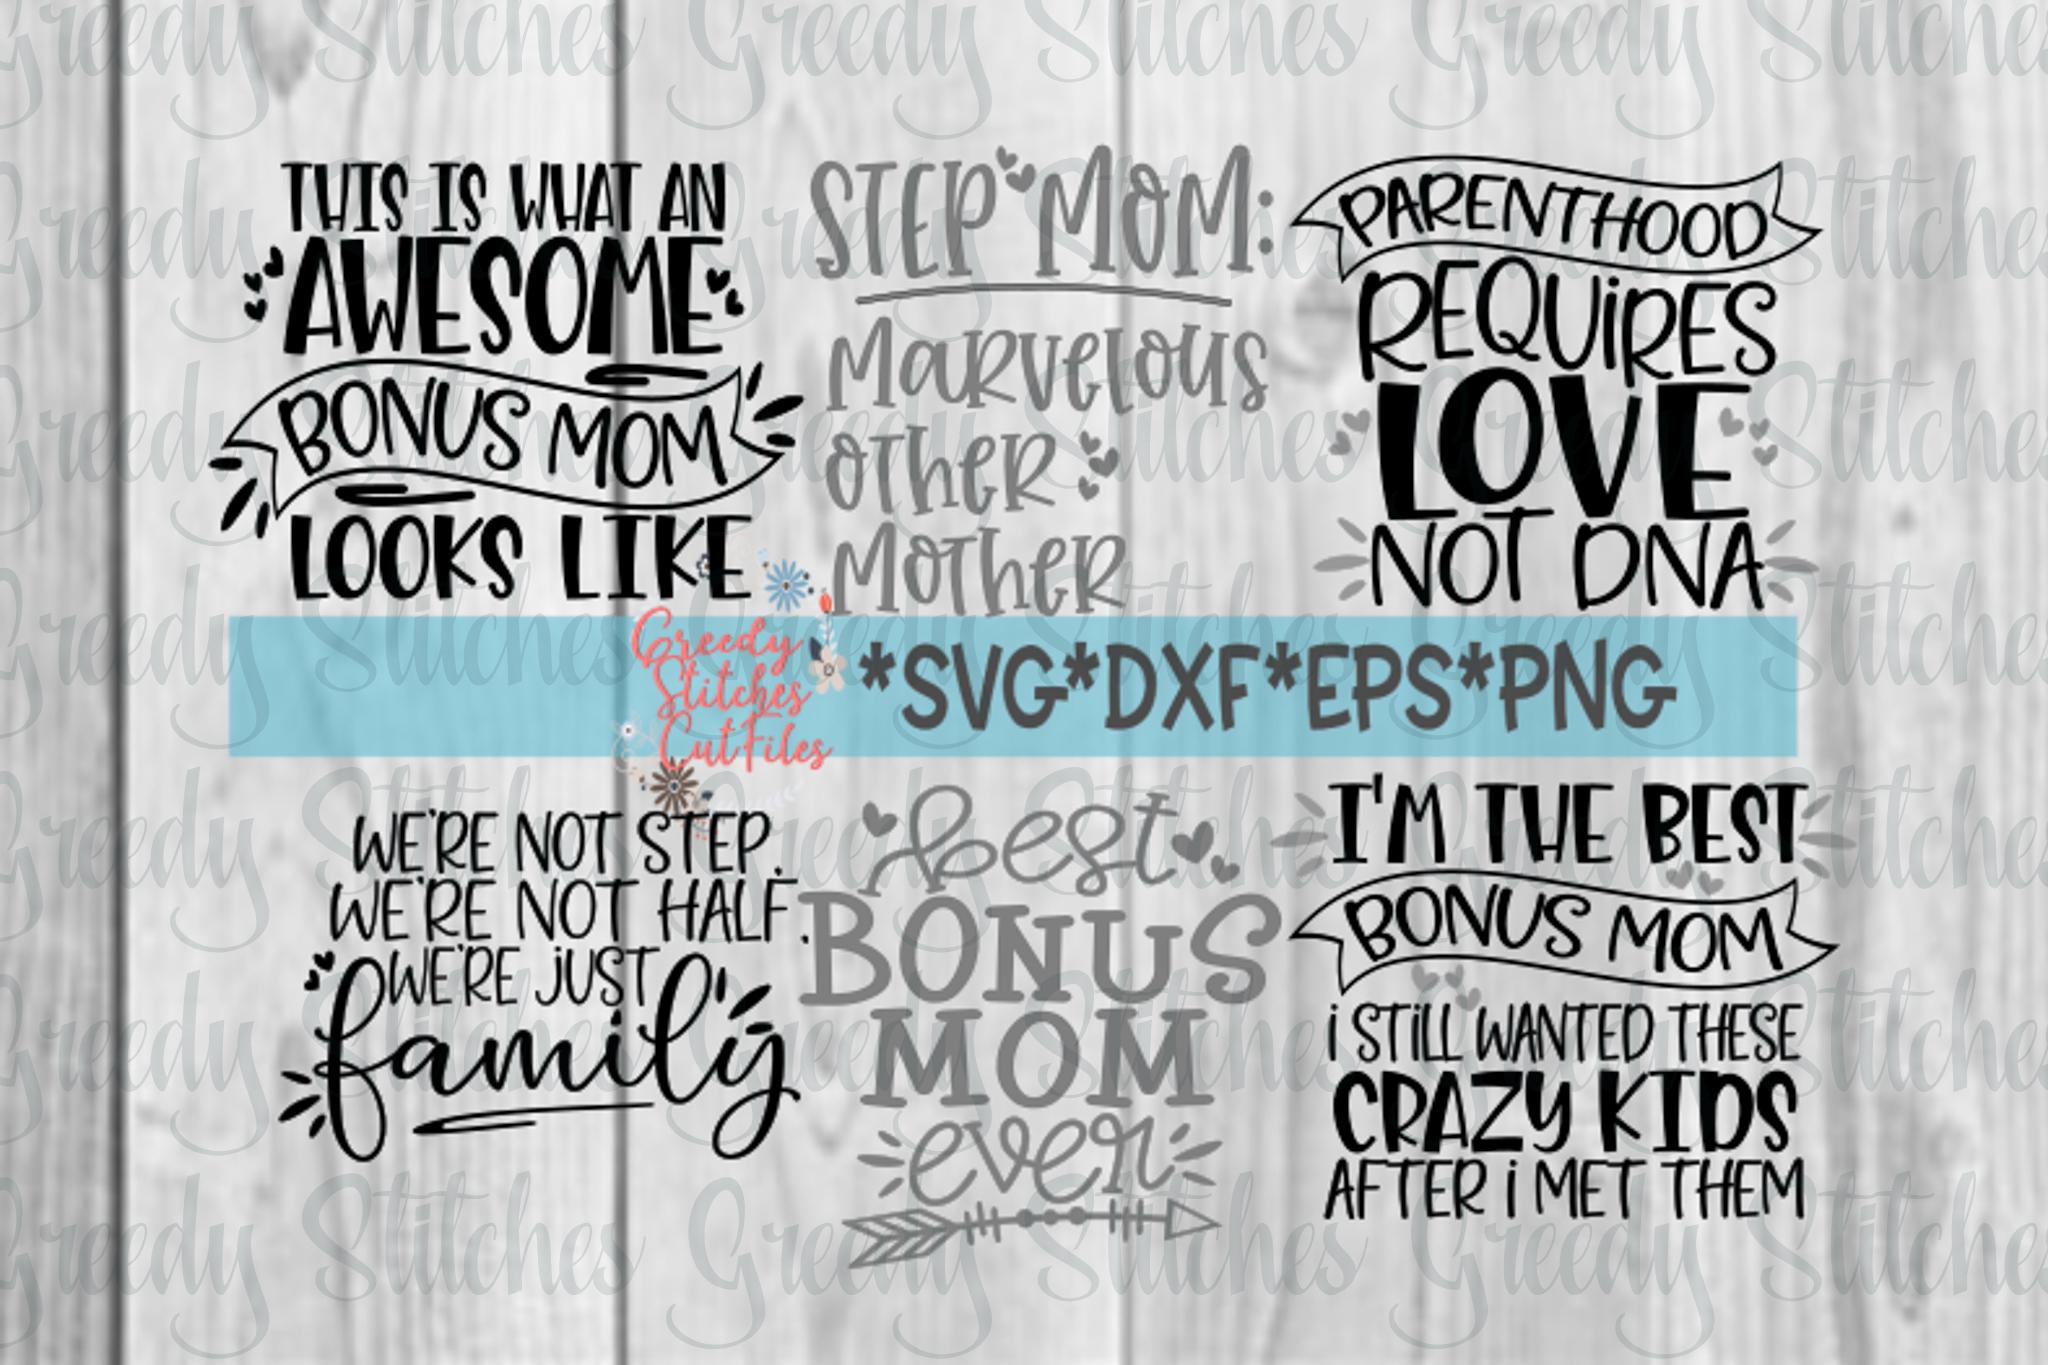 Mother's Day | Bonus Mom Bundle | Step Mom SVG Bundle example image 8